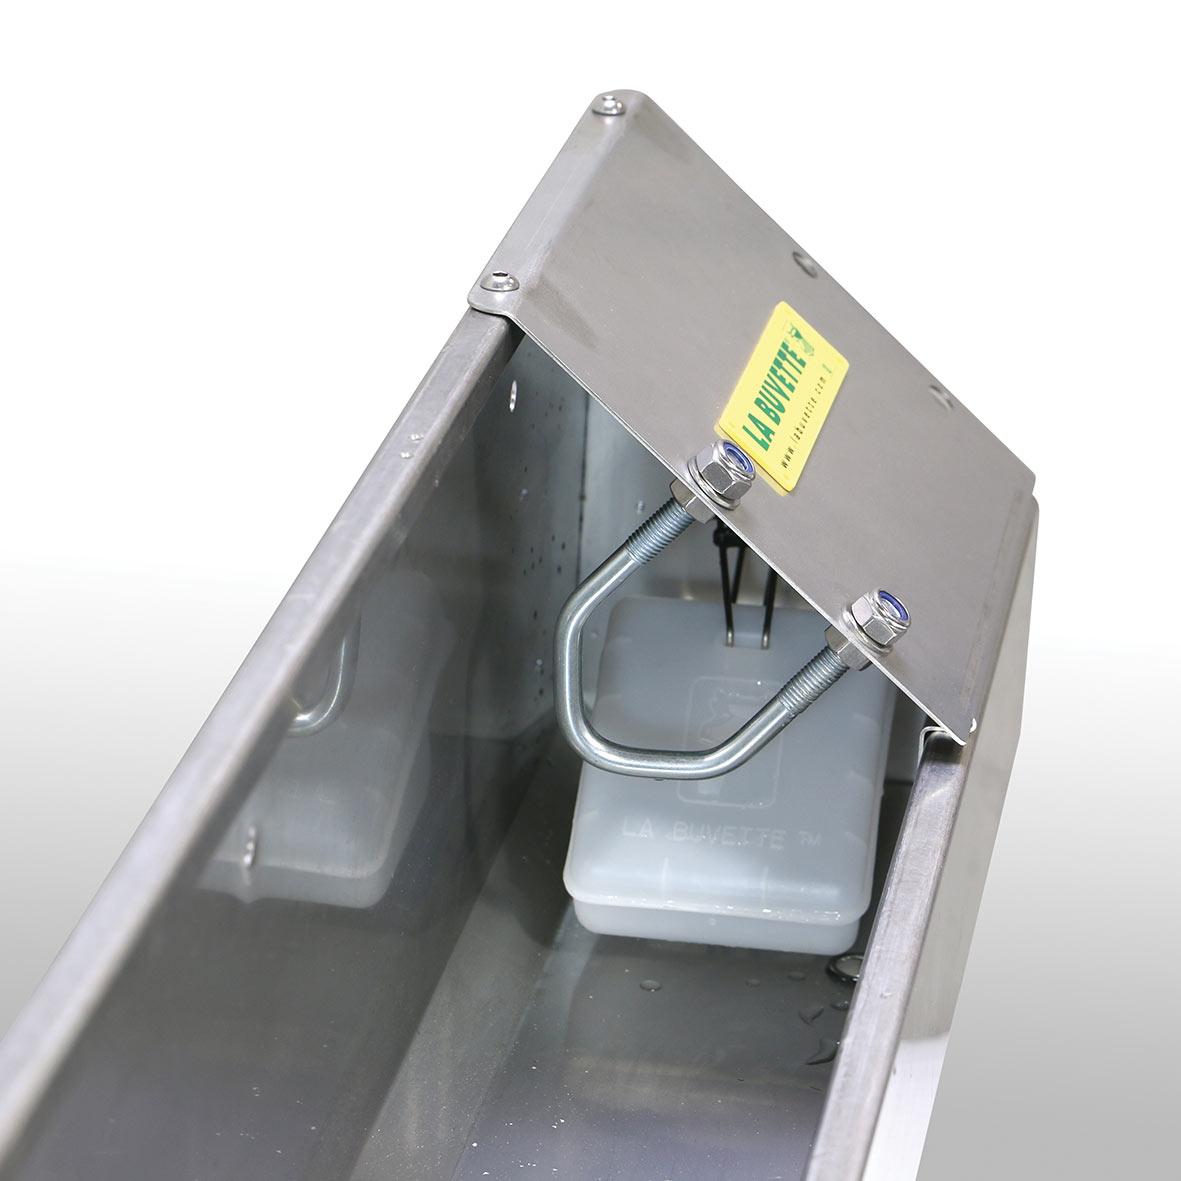 OVICAP INOX 240 Tränkebecken aus Edelstahl